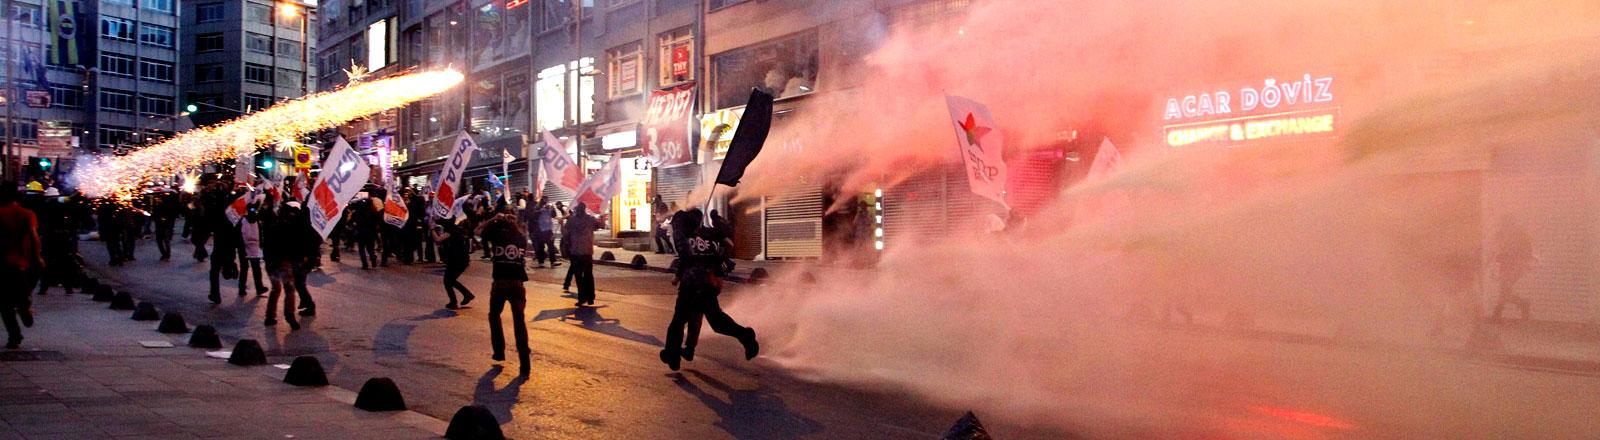 Nach dem Minenunglück in Soma kam es in Istanbul zu Protesten, die die Polizei gewaltsam niedergeschlagen hat.